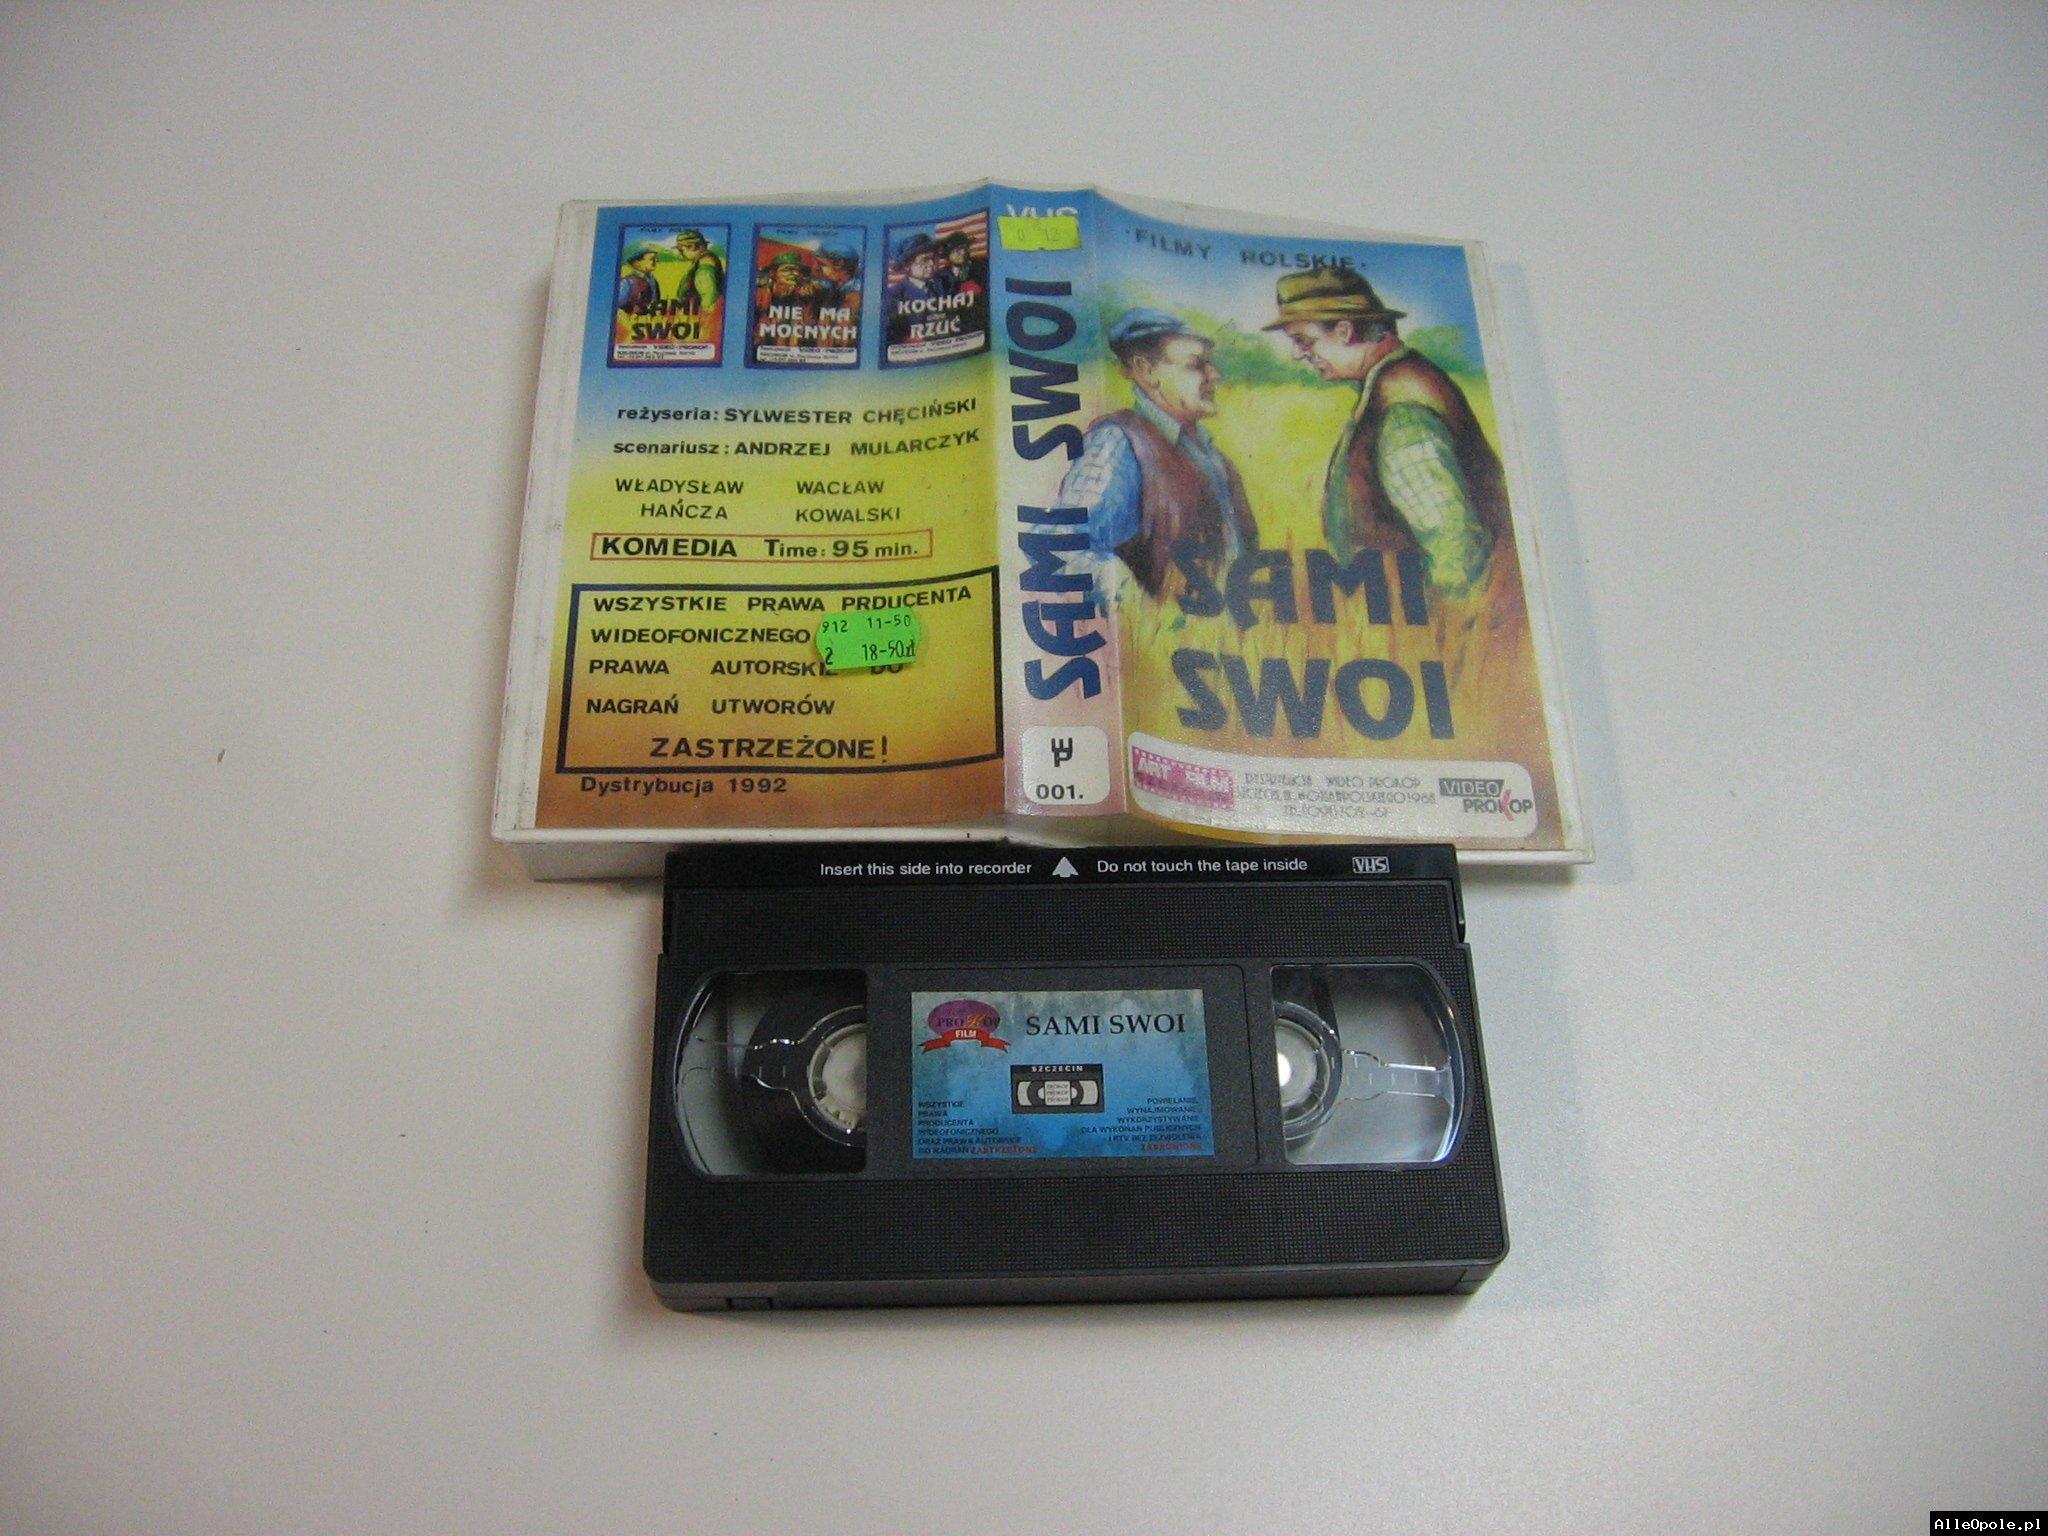 SAMI SWOI - VHS Kaseta Video - Opole 1799